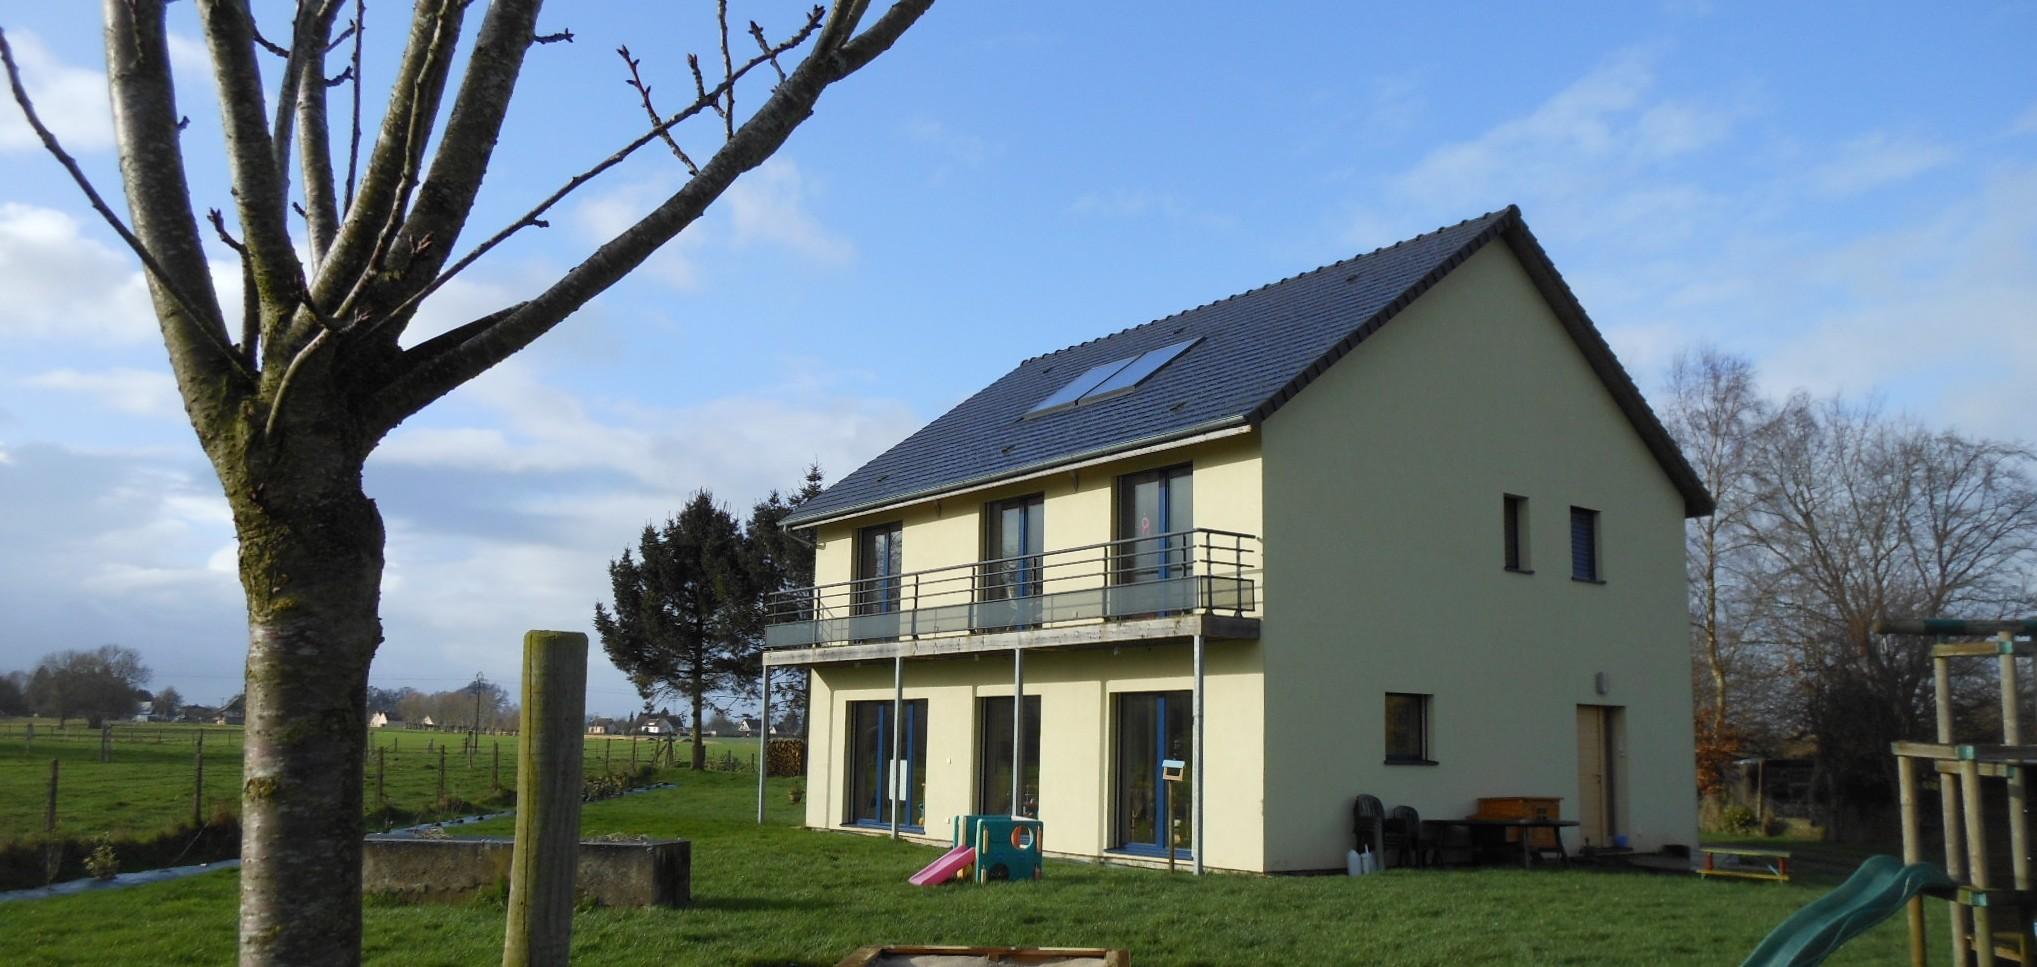 Consommation maison passive en 2015 69 euros de chauffage - Consommation chauffage maison ...